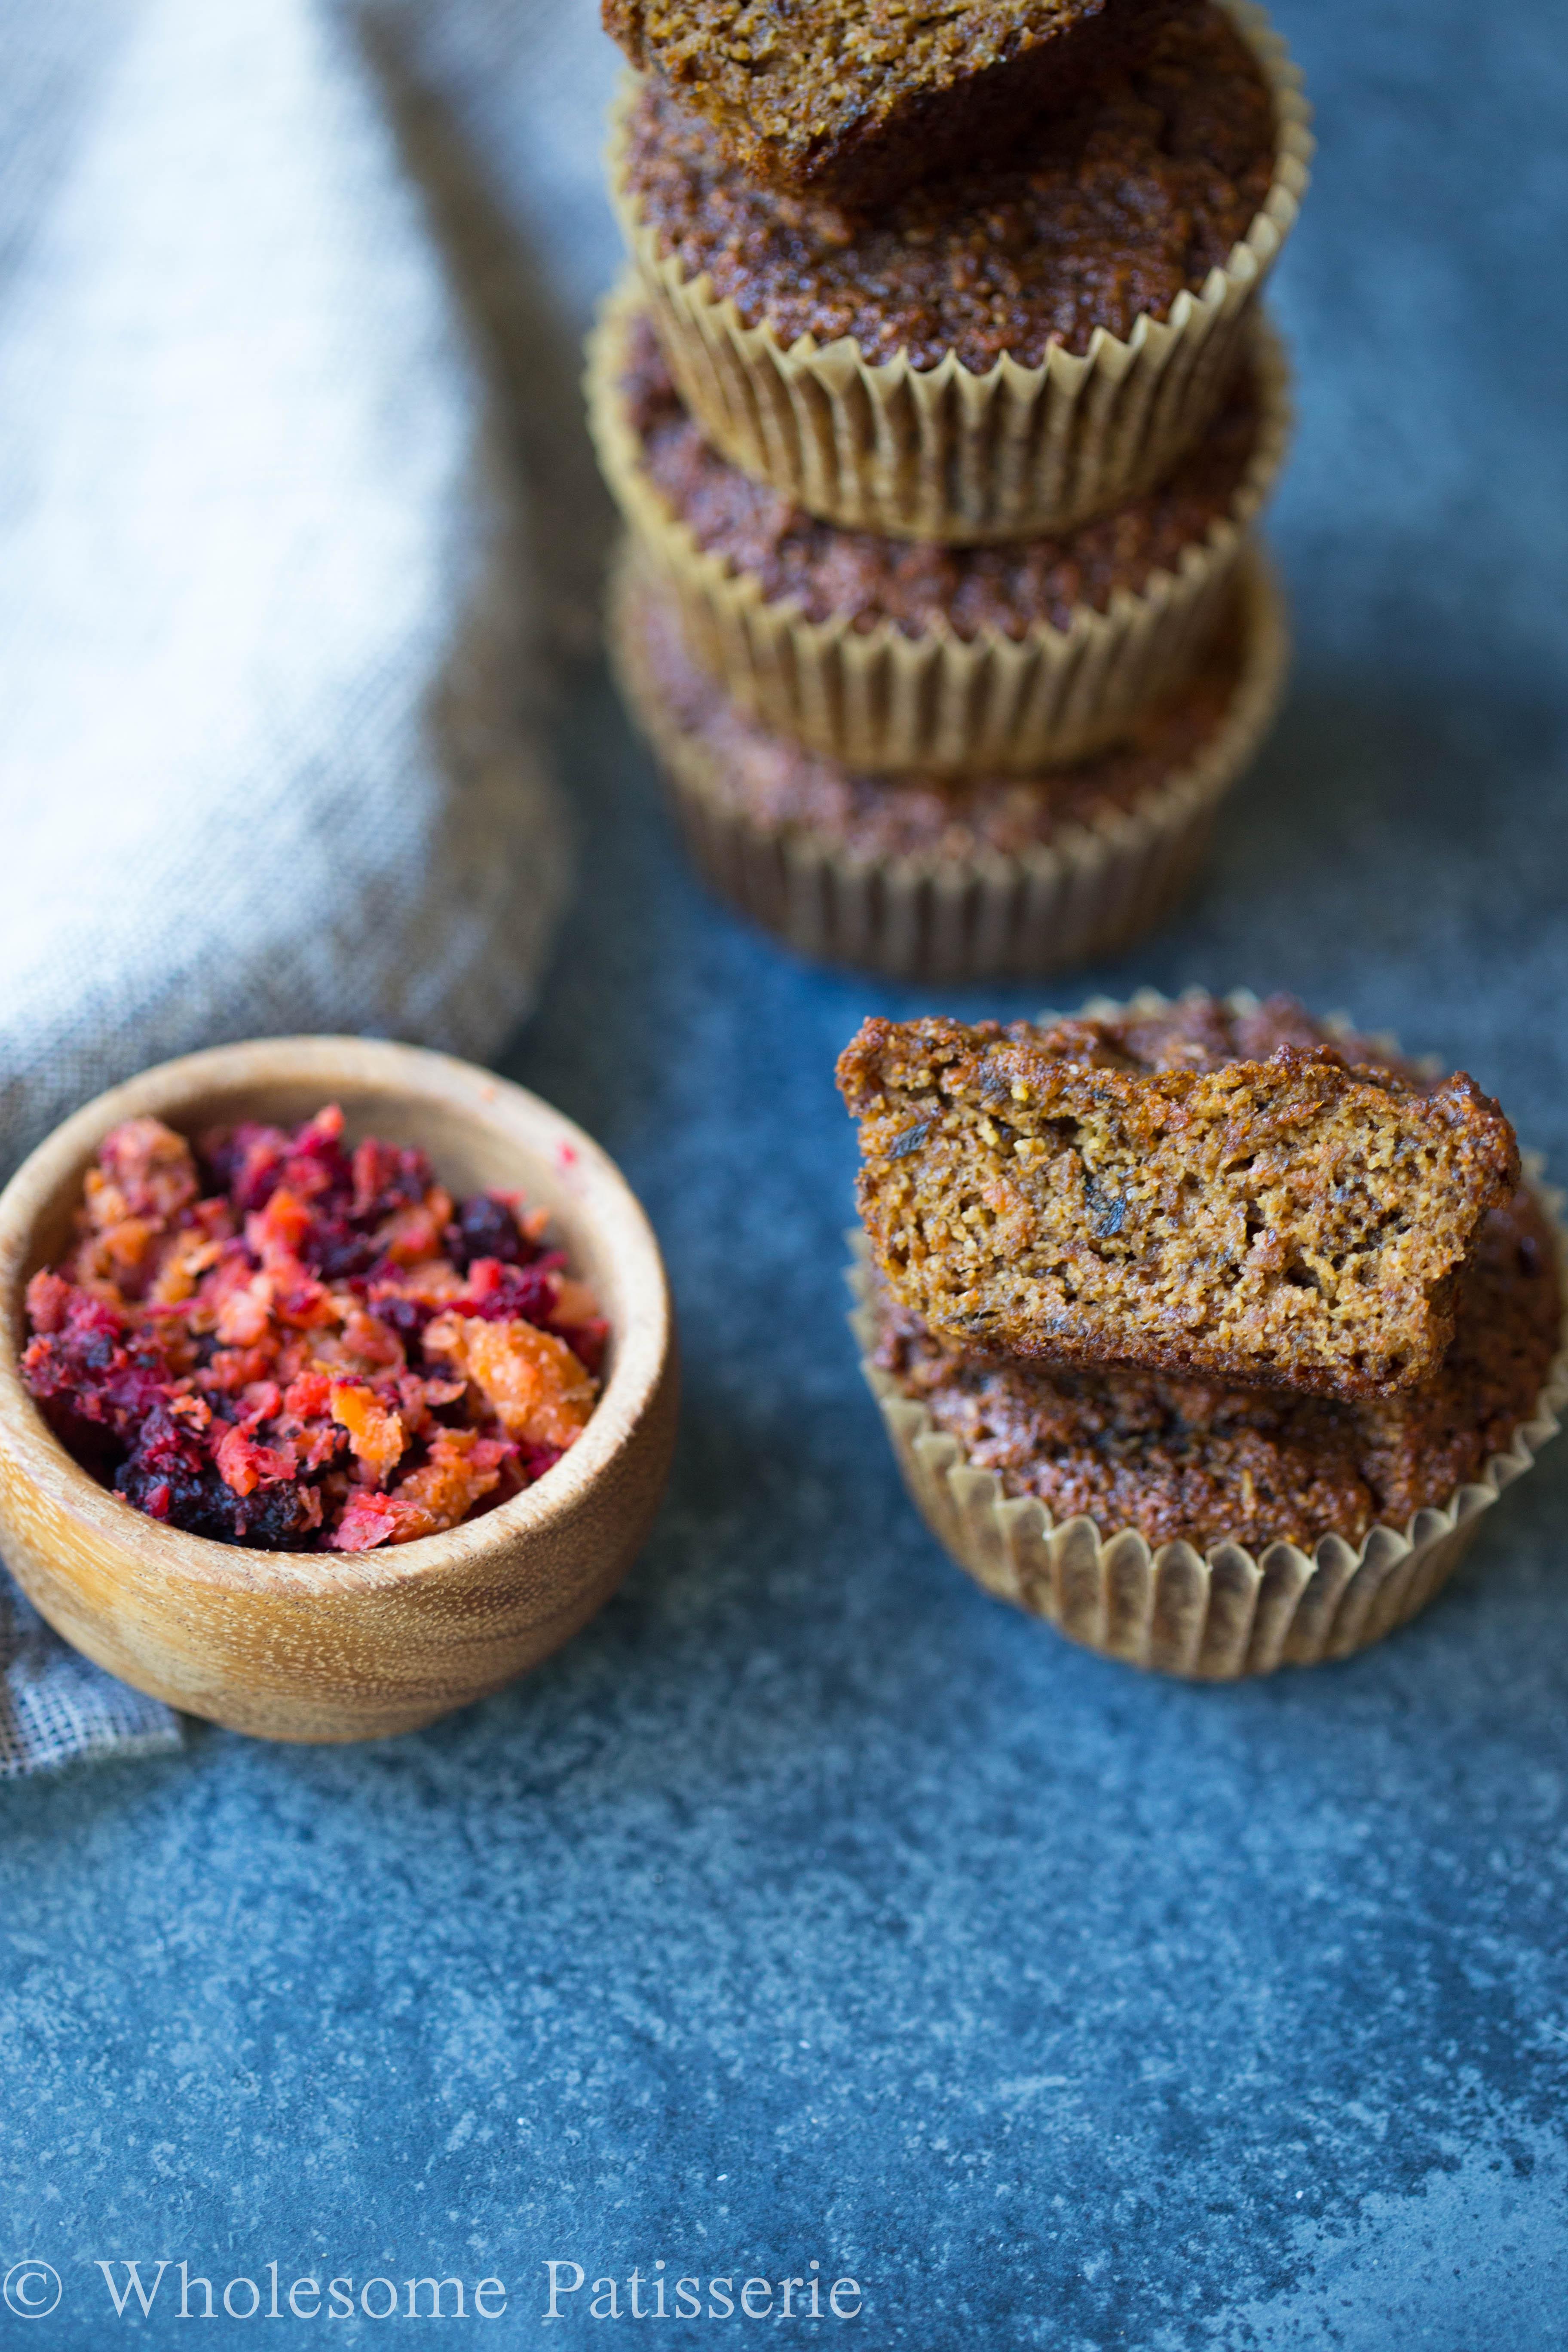 HEALTHY-vegan-pulp-muffins-vegetable-muffins-glutenfree-easy-muffins-wholesomepatisserie